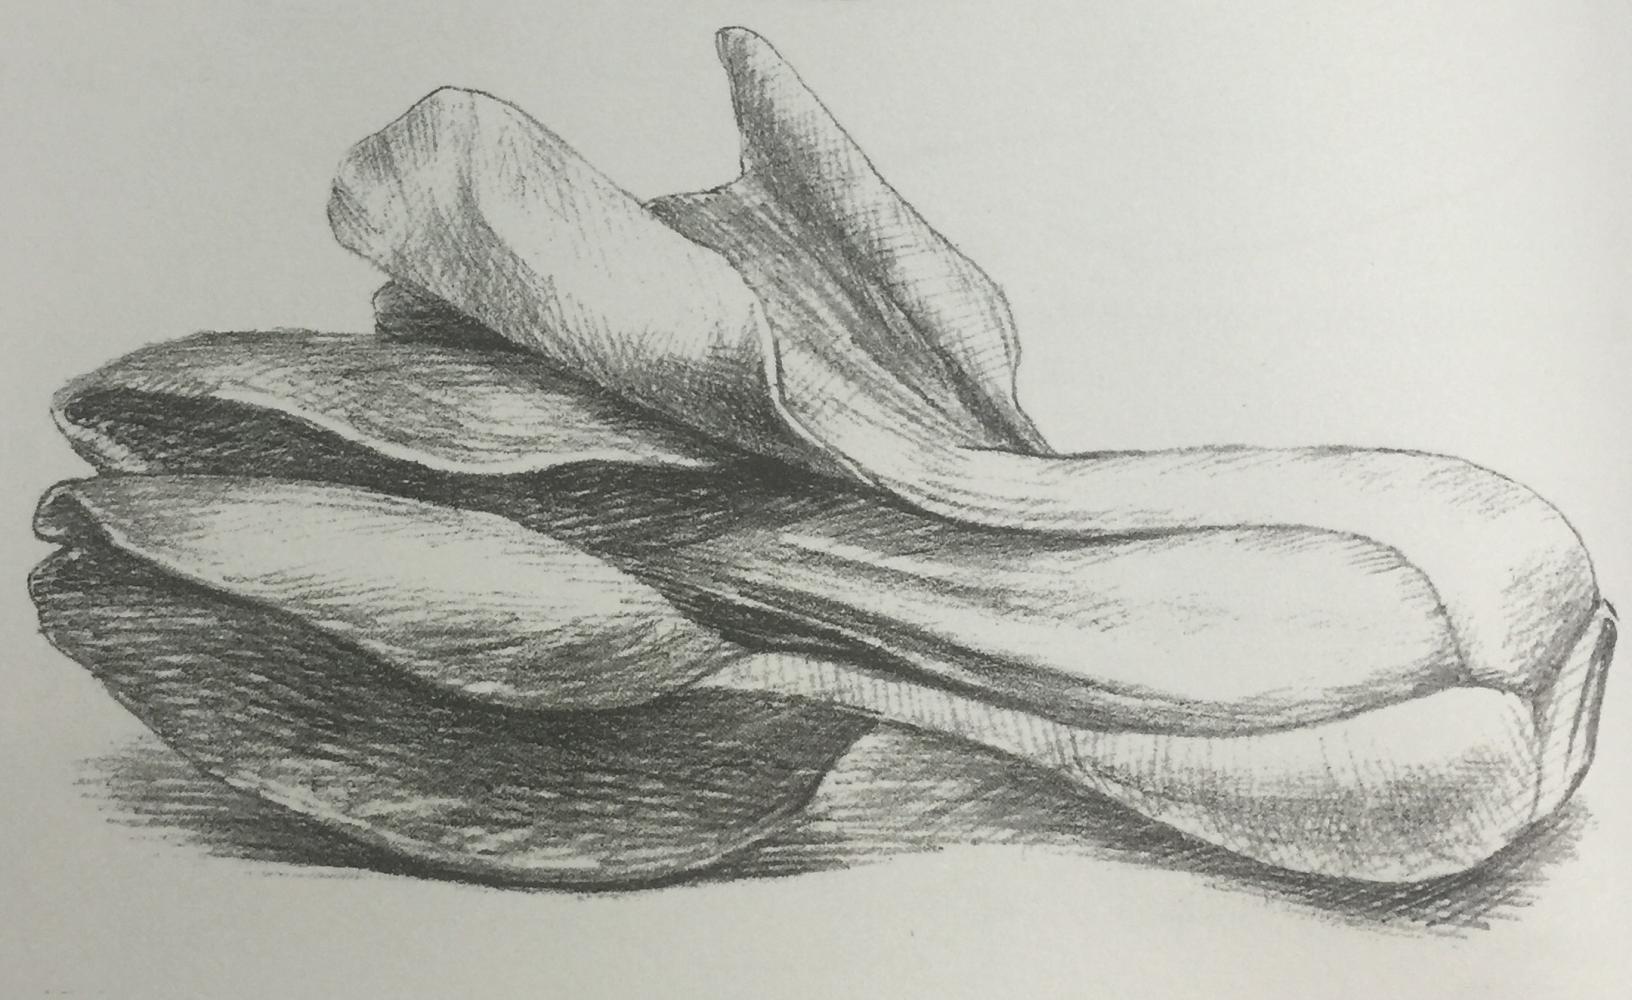 蔬菜静物写生 油菜的绘制技巧详细步骤